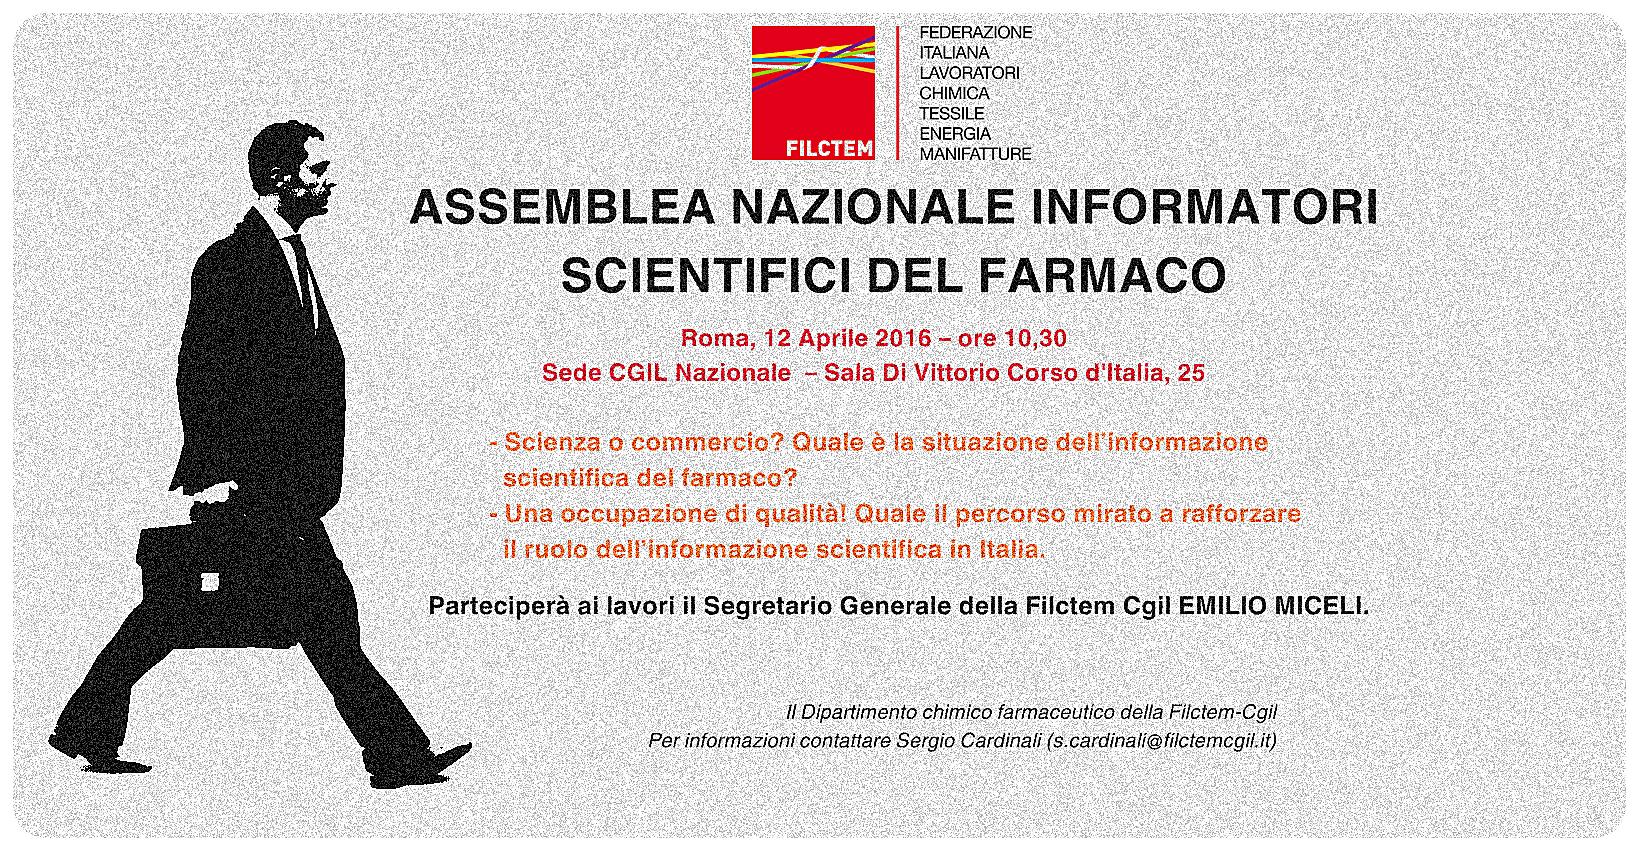 Il 12 aprile a Roma l'assemblea nazionale degli INFORMATORI SCIENTIFICI DEL FARMACO promossa dalla Filctem-Cgil